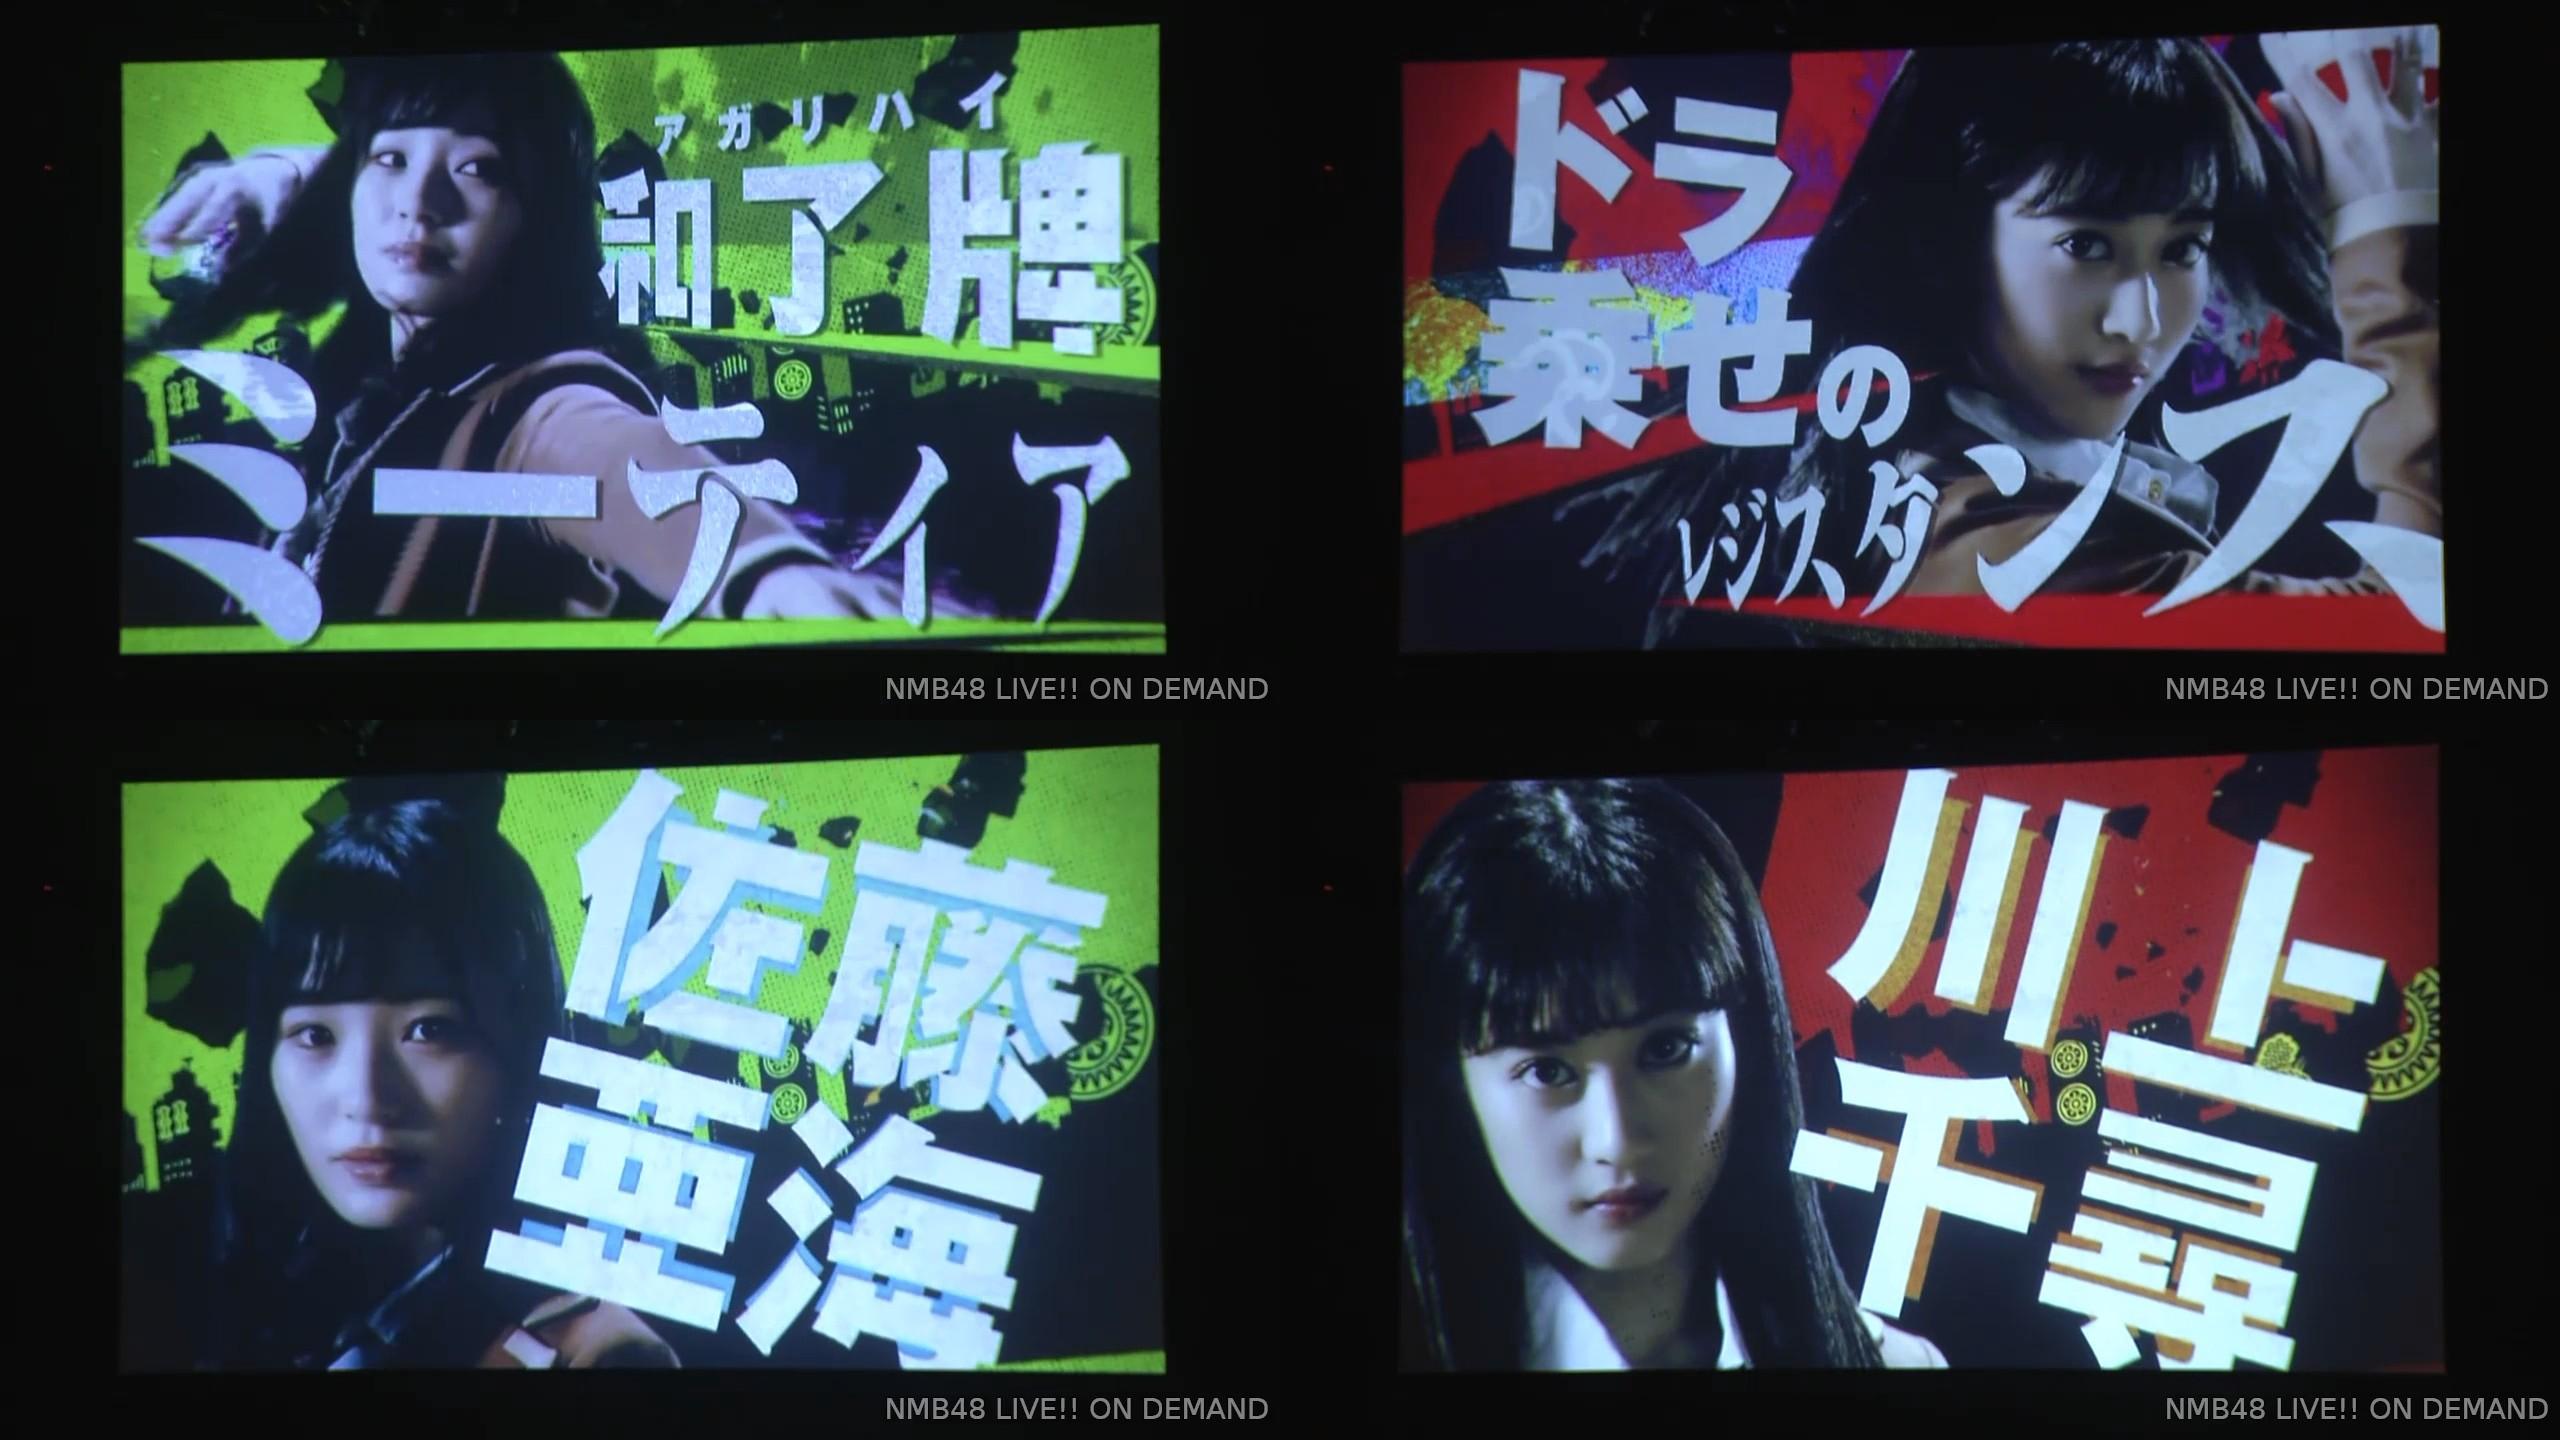 【NMB48】12月度の「NMB48の麻雀てっぺんとったんで!」CM出演権イベントの結果が発表